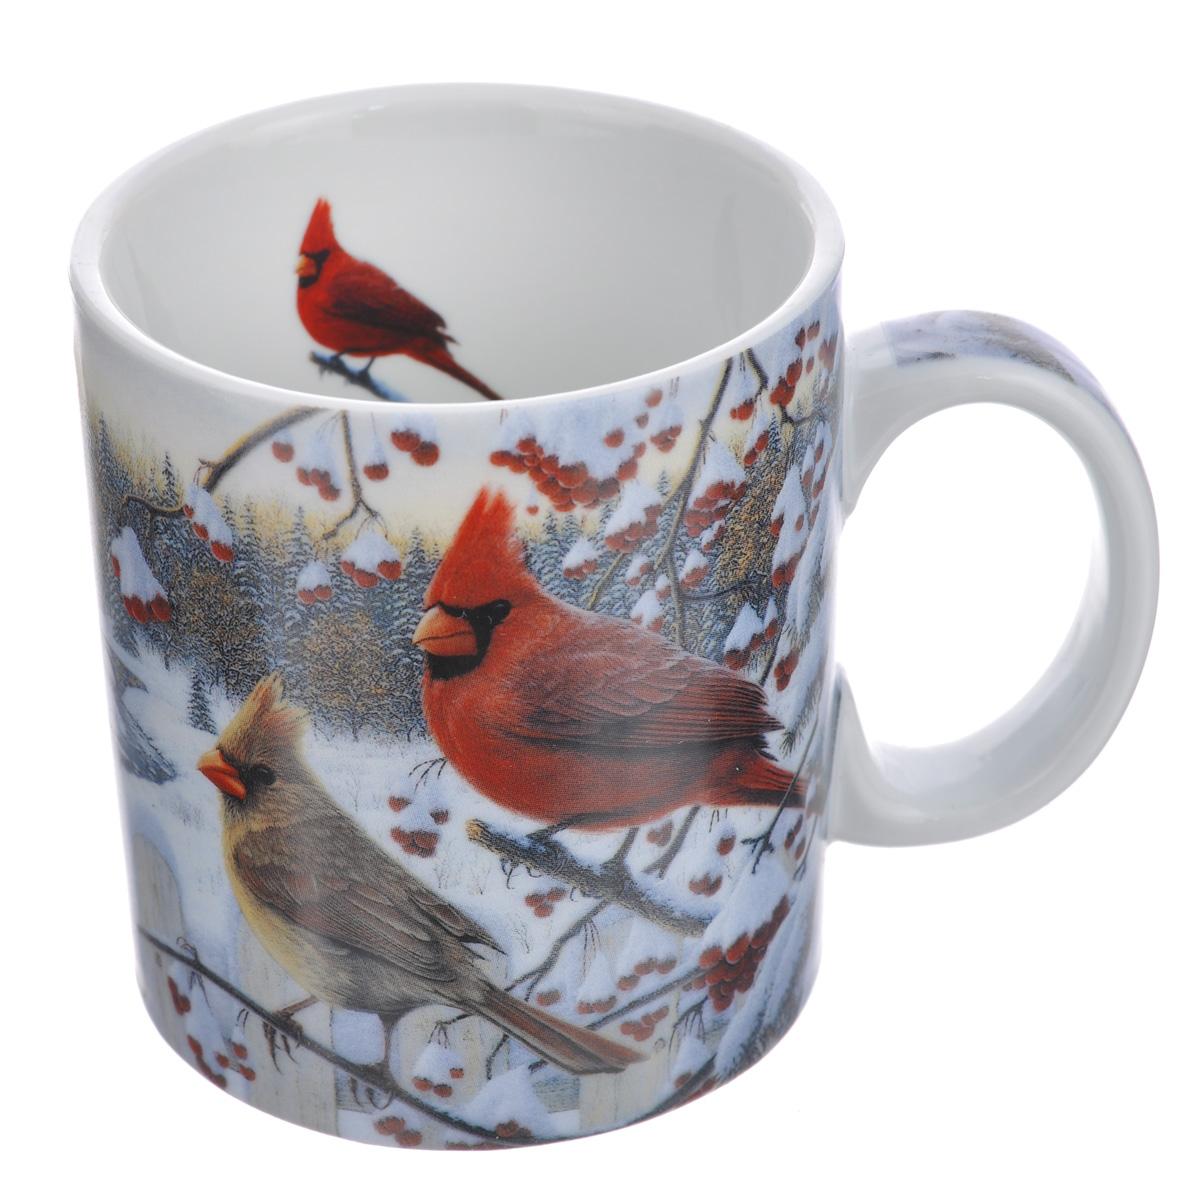 Кружка Reflective Art White Crimson Morning, 425 мл54 009312Кружка Reflective Art White Crimson Morning изготовлена из высококачественного фарфора. Изделие оформлено красочным изображением зимней природы по мотивам картины американского художника Кима Норлиена. Ручка также оформлена изображением, внутренняя поверхность кружки белого цвета декорирована изображением птицы. Такая кружка согреет горячим чаем в зимние вечера и станет прекрасным сувениром к Новому Году.Можно использовать в микроволновой печи и мыть в посудомоечной машине.